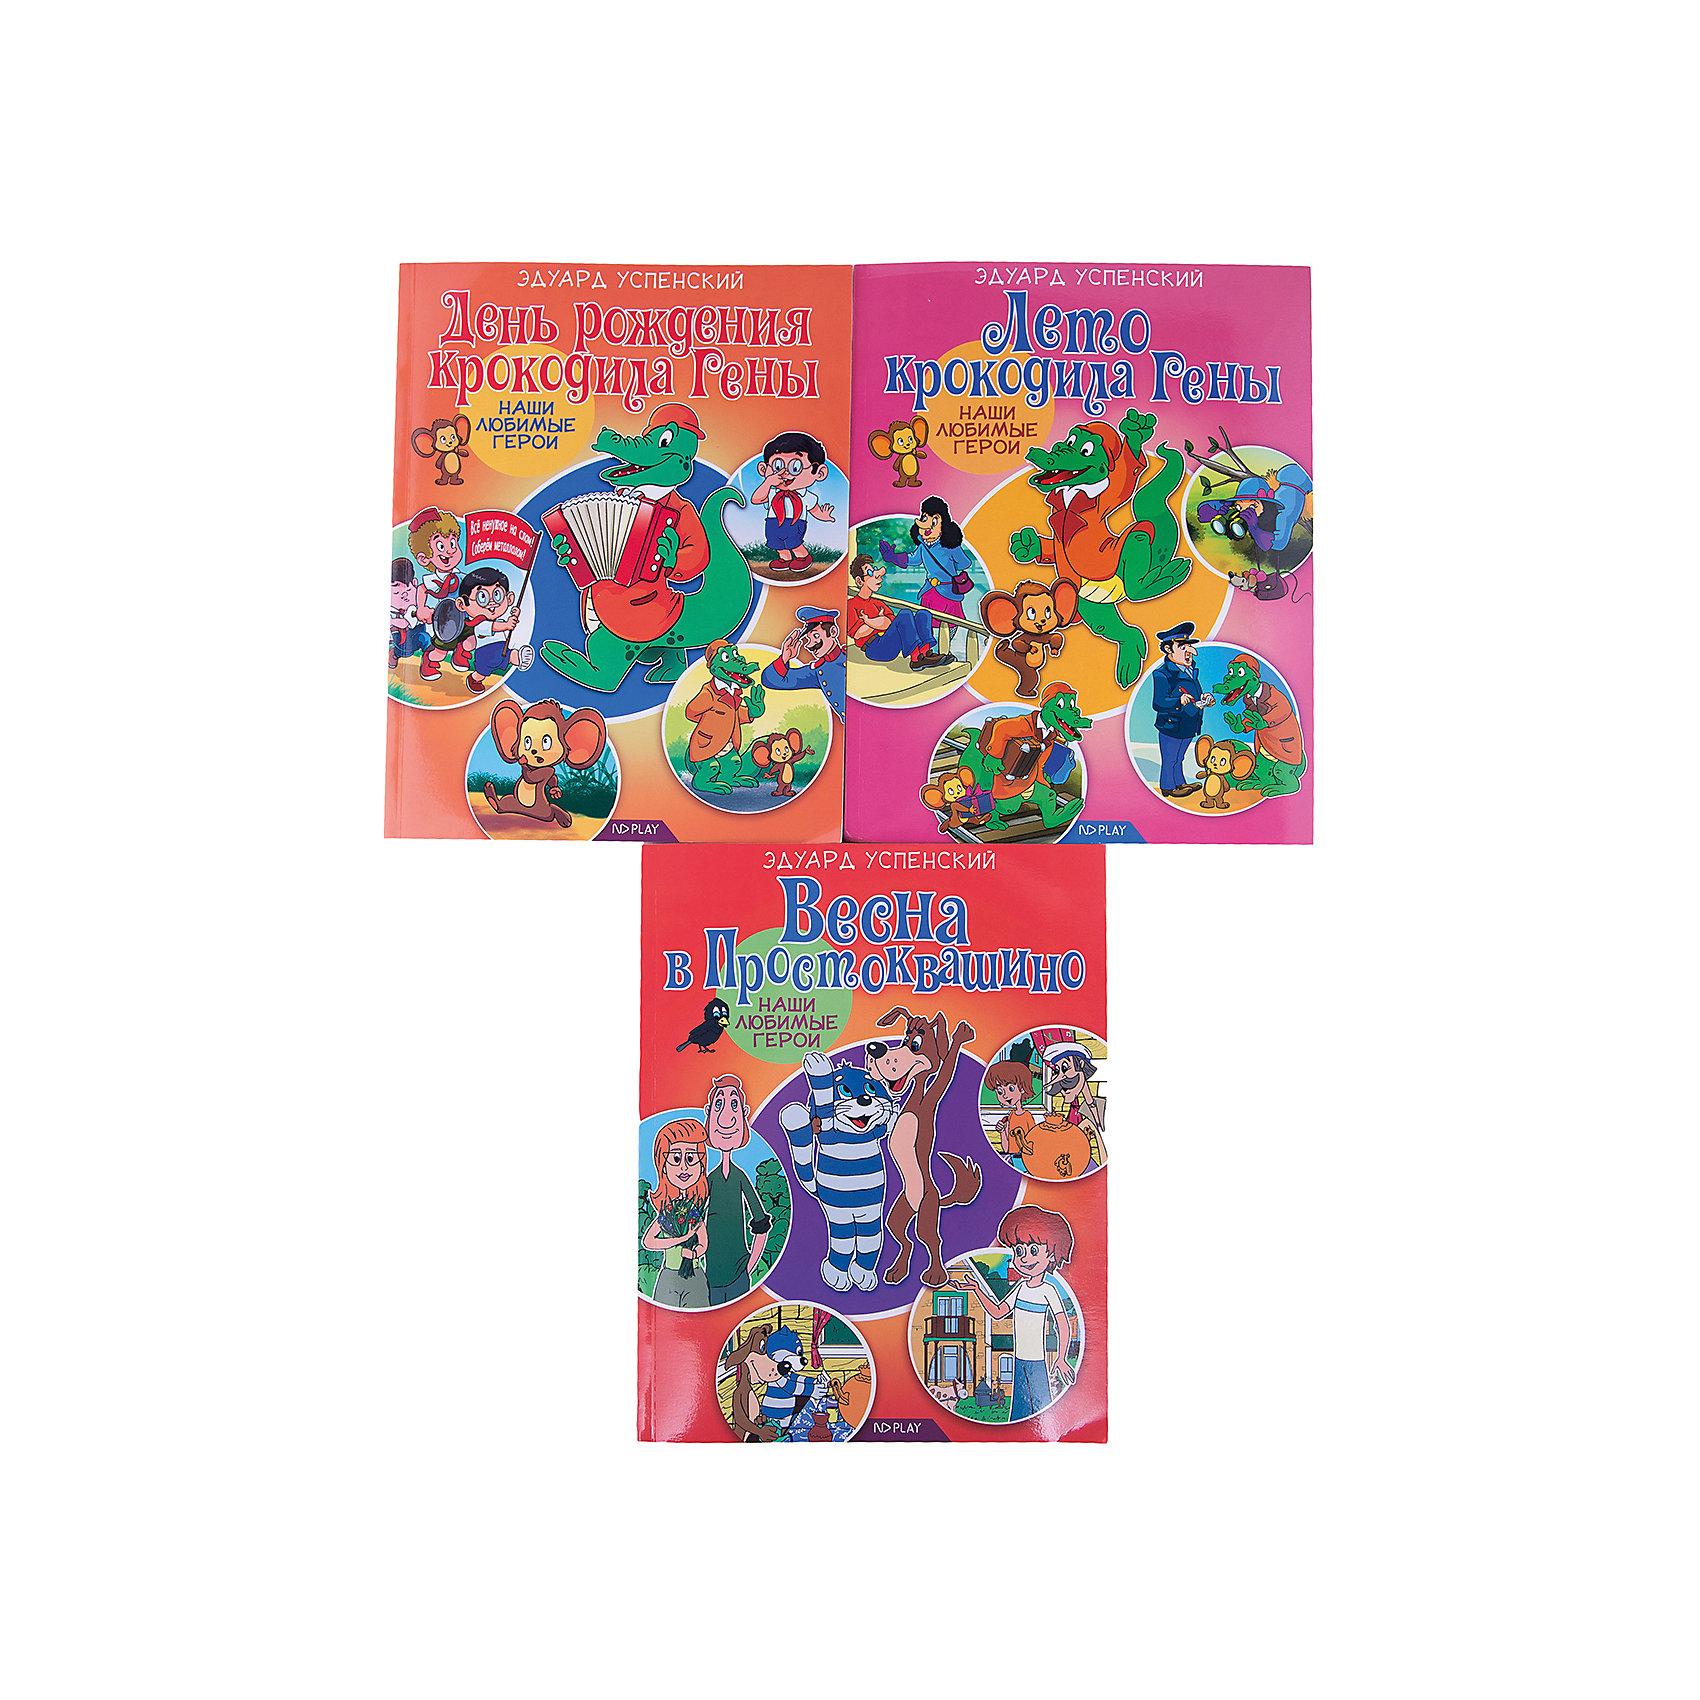 Комплект из 3 книг  Наши любимые герои, Э. УспенскийРусские сказки<br>Характеристики:<br><br>• возраст: от 3 лет<br>• в комплекте: 3 книги (Лето крокодила Гены, Весна в Простоквашино, День рождения крокодила Гены)<br>• автор: Эдуард Успенский<br>• издательство: НД Плэй<br>• серия: Наши любимые герои<br>• тип обложки: мягкий переплет (крепление скрепкой или клеем)<br>• иллюстрации: цветные<br>• количество страниц в каждой книге: 48 (офсет)<br>• размер одной книги: 25х20х1 см.<br>• вес одной книги: 100 гр.<br>• ISBN: 4690241154691<br><br>Новая встреча с любимыми героями! Весёлые и смешные, забавные и поучительные произведения Эдуарда Успенского любят читать и взрослые, и дети. Серьезный и рассудительный Дядя Федор, ироничный кот Матроскин, простодушный пес Шарик, Крокодил Гена и Чебурашка учат детей добру, справедливости и взаимовыручки.<br><br>Комплект из 3 книг Наши любимые герои, №1 можно купить в нашем интернет-магазине.<br><br>Ширина мм: 200<br>Глубина мм: 9<br>Высота мм: 253<br>Вес г: 300<br>Возраст от месяцев: 36<br>Возраст до месяцев: 2147483647<br>Пол: Унисекс<br>Возраст: Детский<br>SKU: 6910529